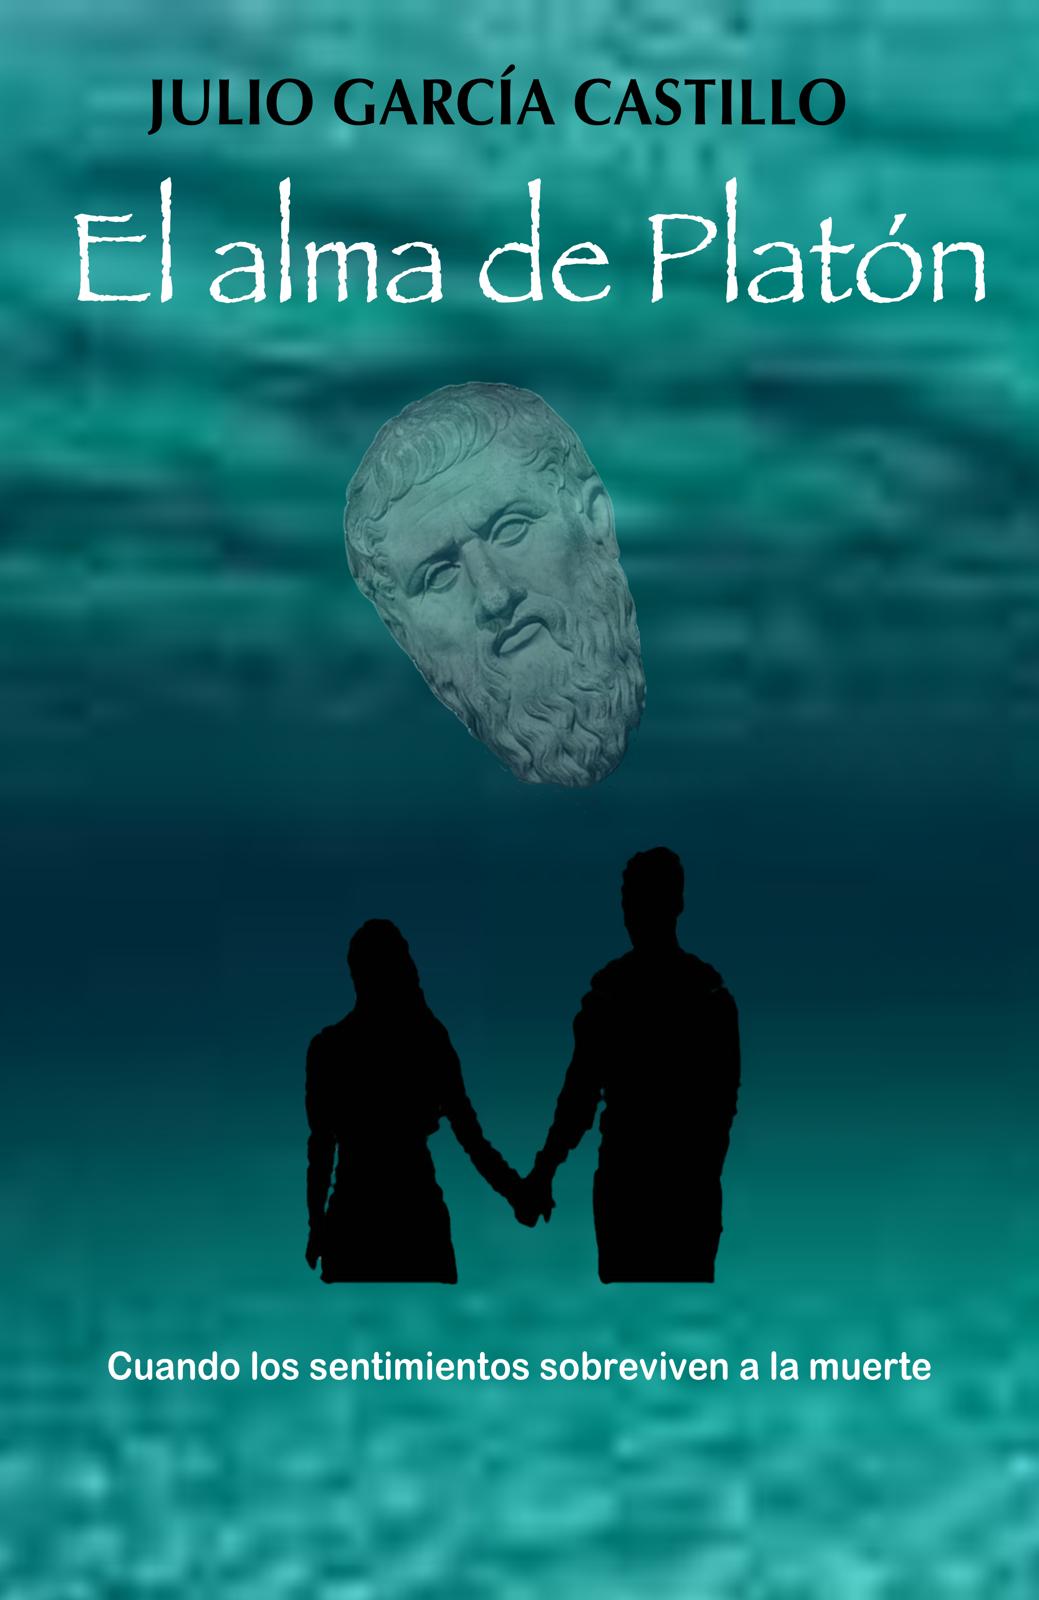 El alma de Platón